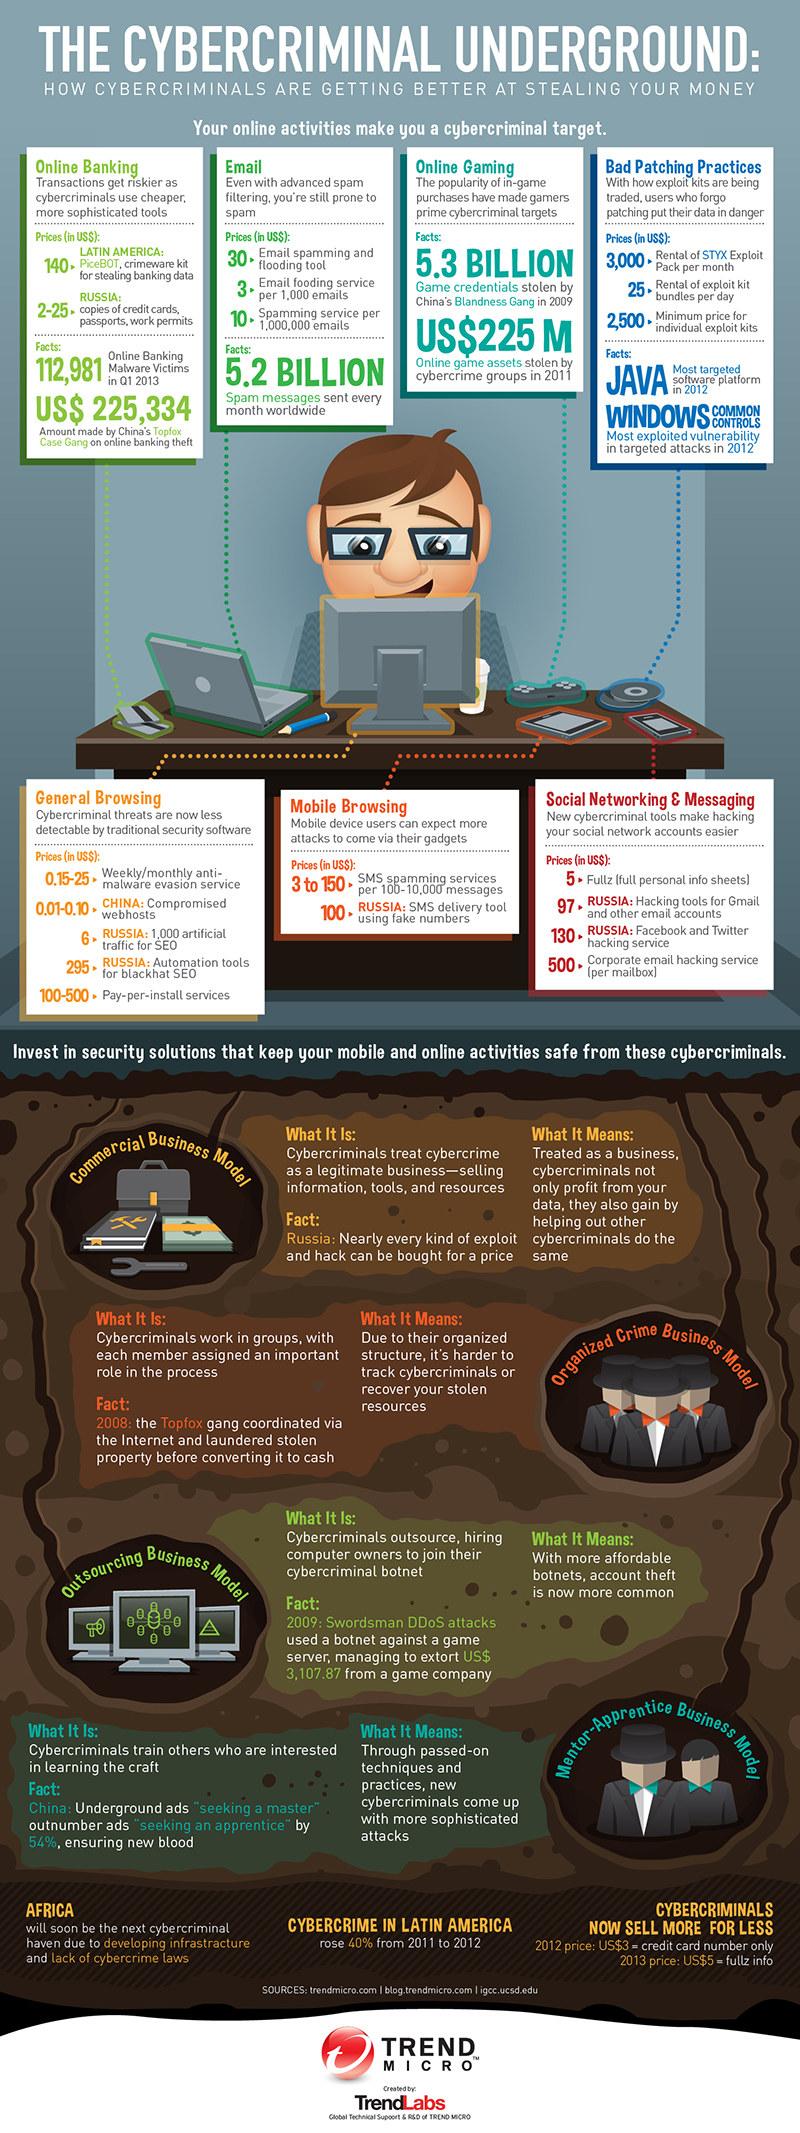 Cyberprzestępcze podziemie – jak internetowi przestępcy coraz sprawniej kradną nasze pieniądze /materiały prasowe